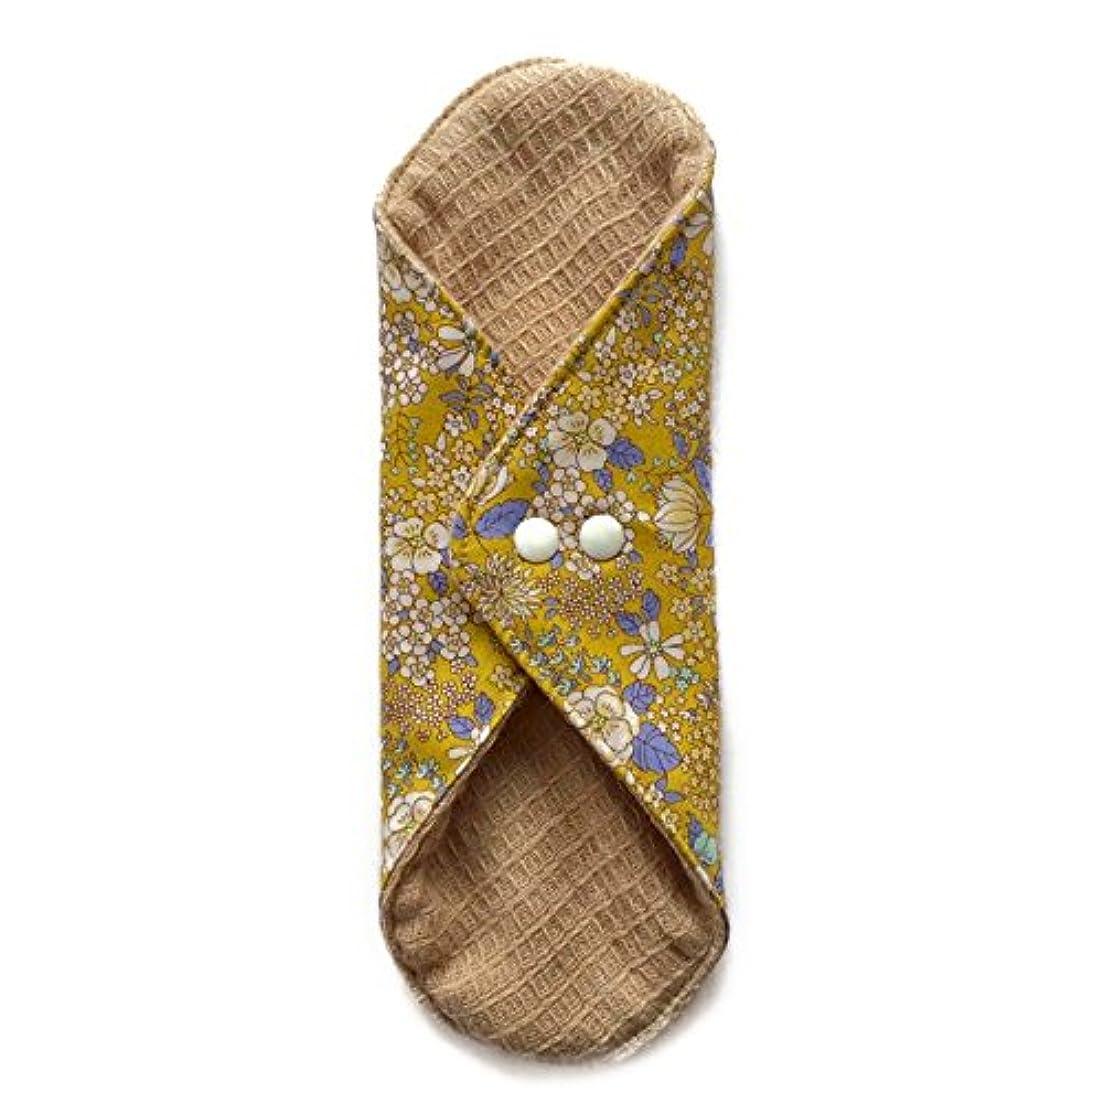 品種暗くするノベルティ華布のオーガニックコットンの極み あたため布 Lサイズ (約18×約20.5×約0.6cm) 雅(マスタード)